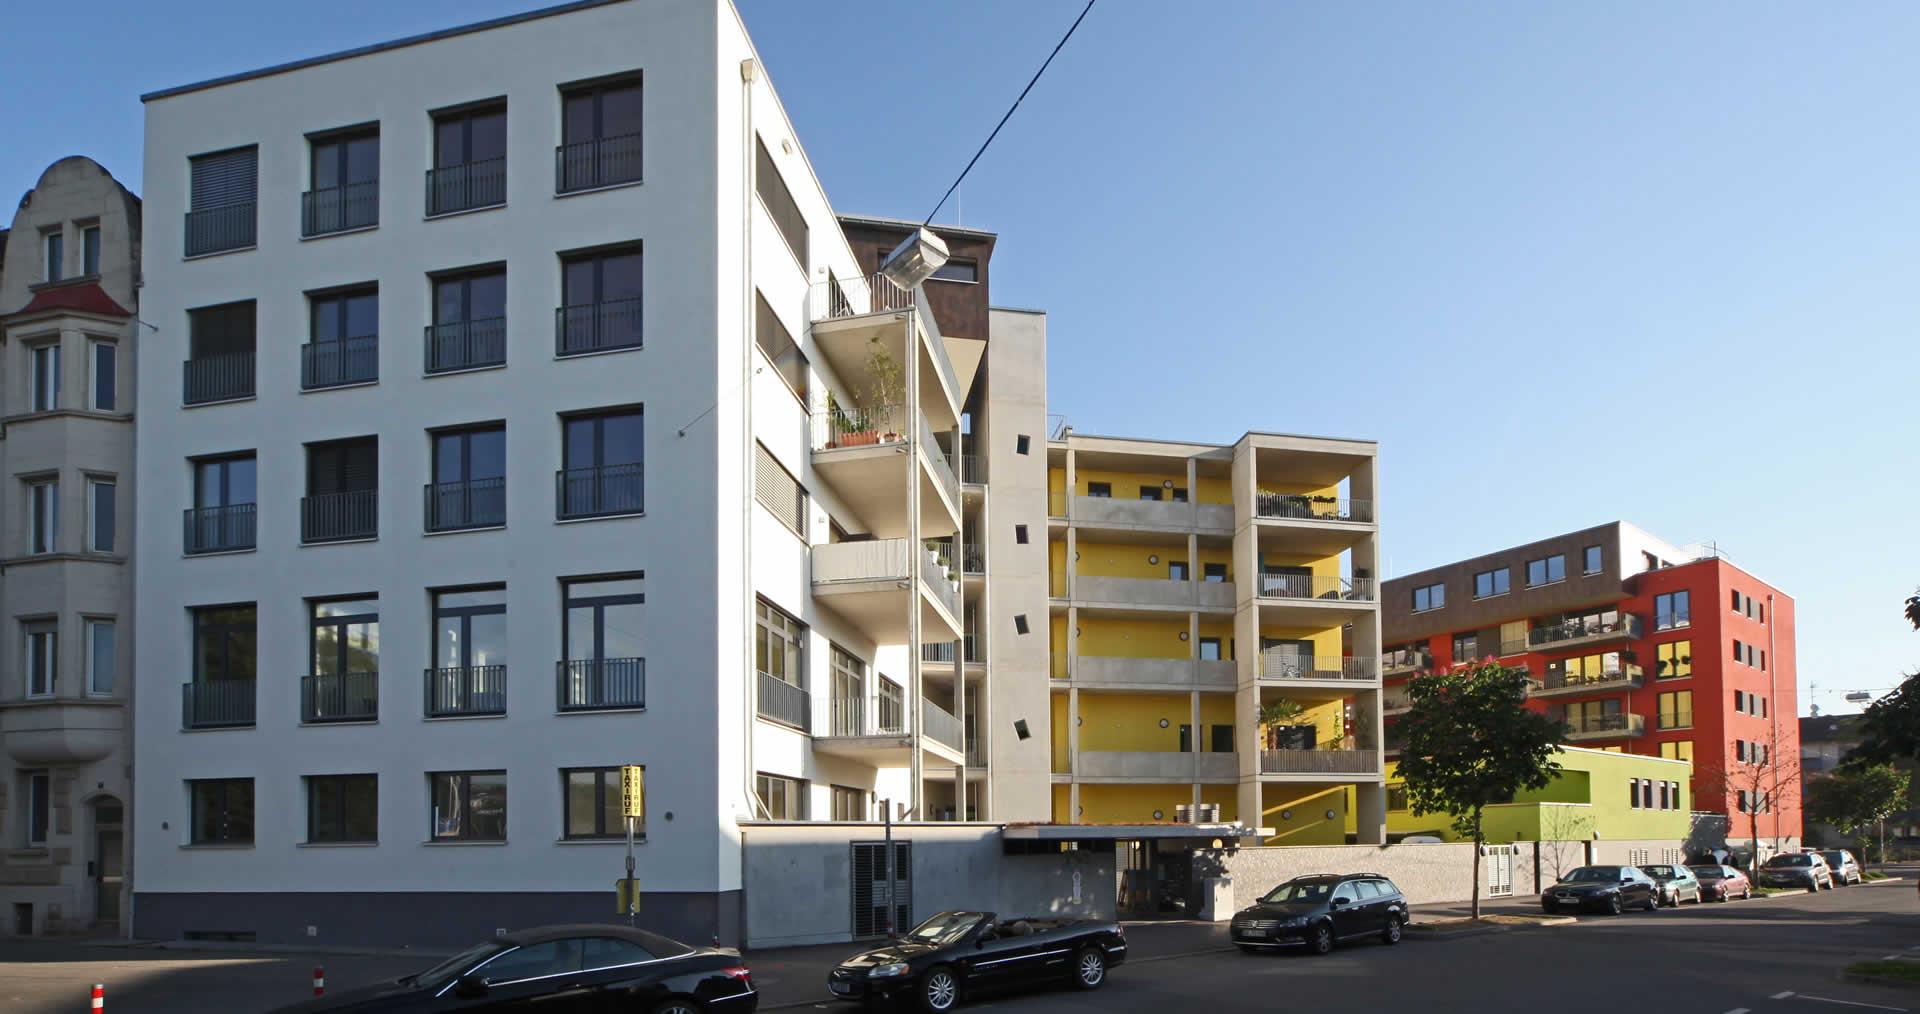 Friedel Lofts Mercedesstraße